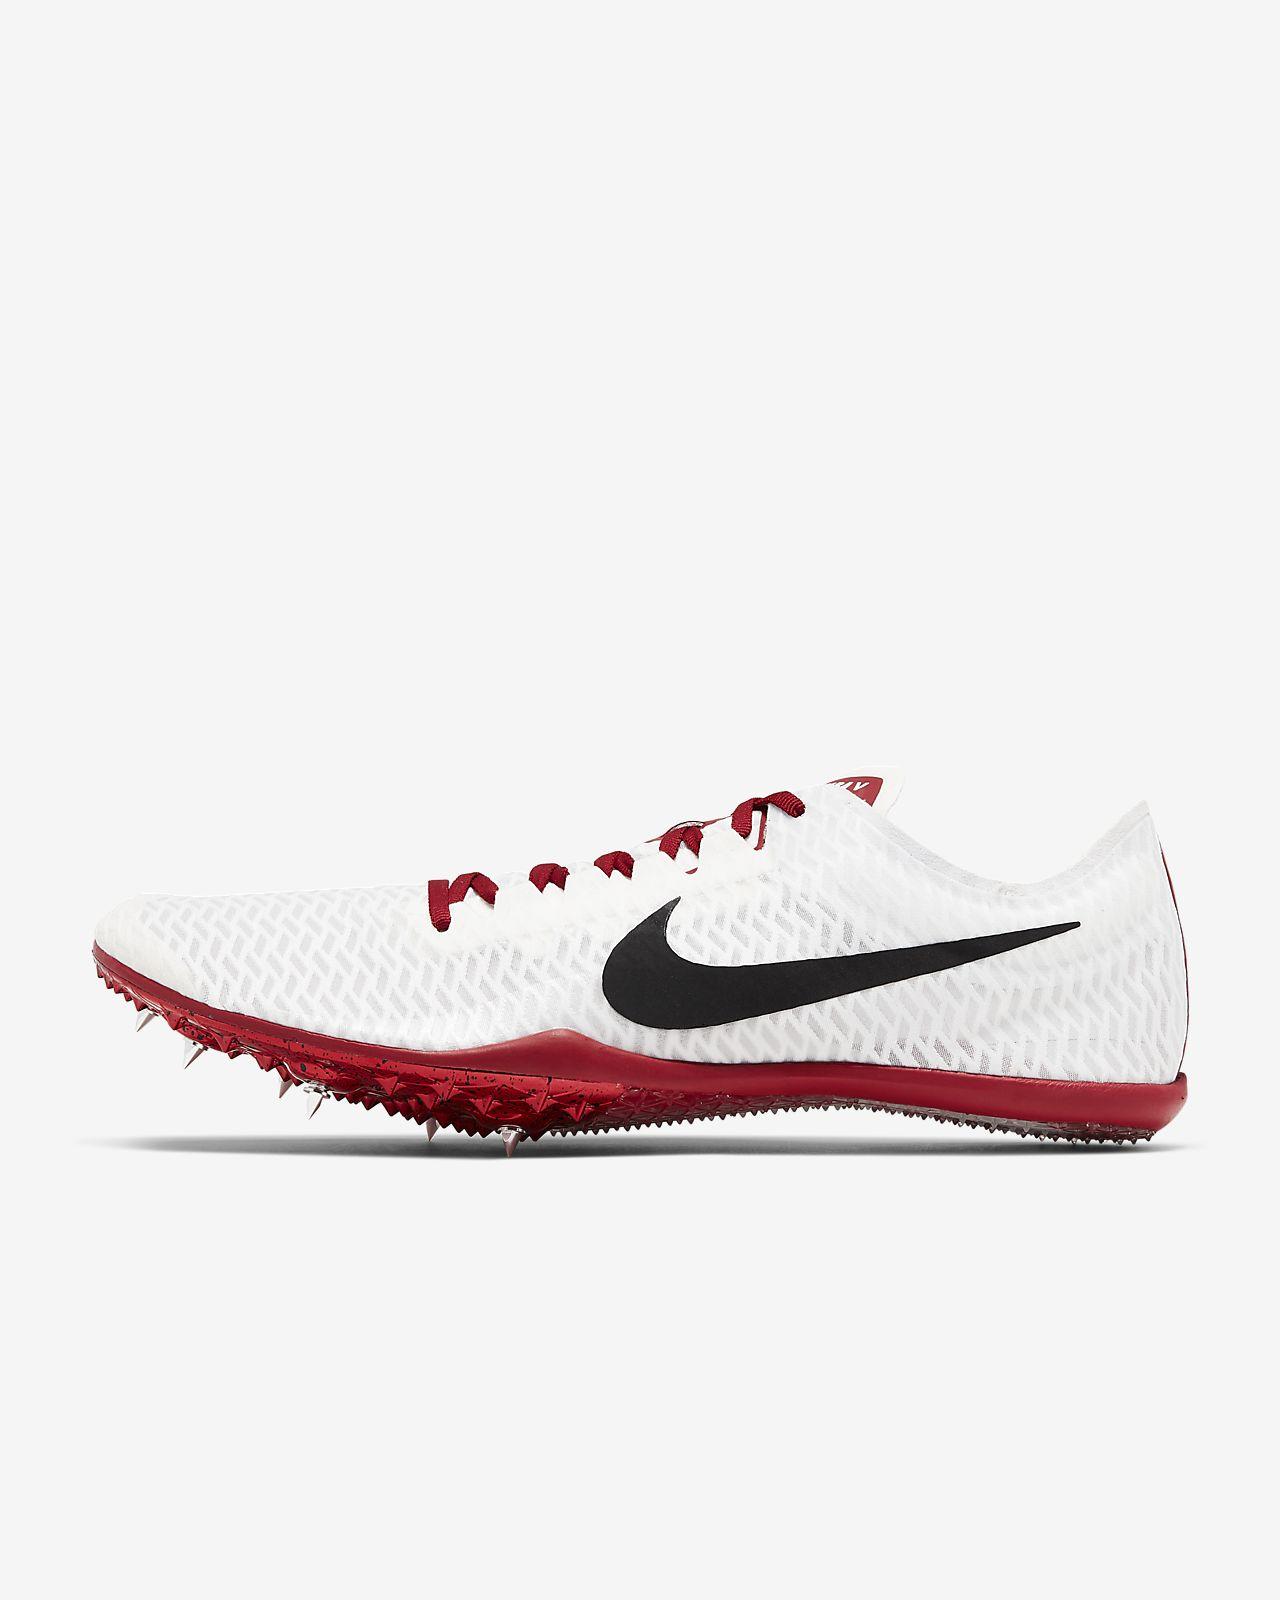 Nike Zoom Mamba 5 Bowerman Track Club U Biało Czarne